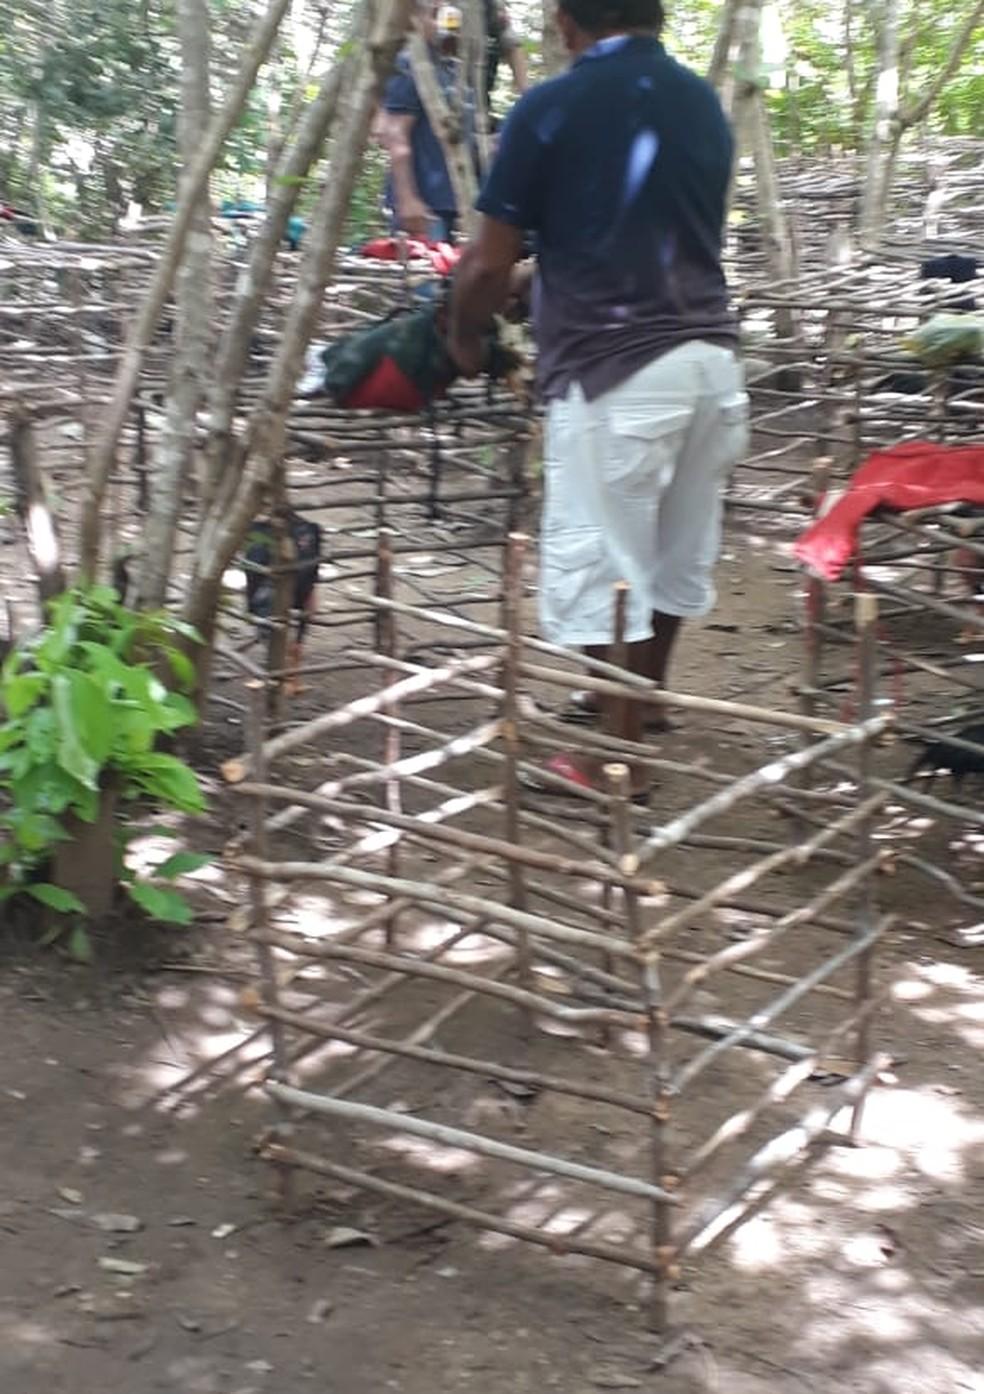 """Polícia captura 10 pessoas e apreende 33 galos em local usado para """"rinha de galos"""" em Varjota, no Ceará. — Foto: Reprodução"""